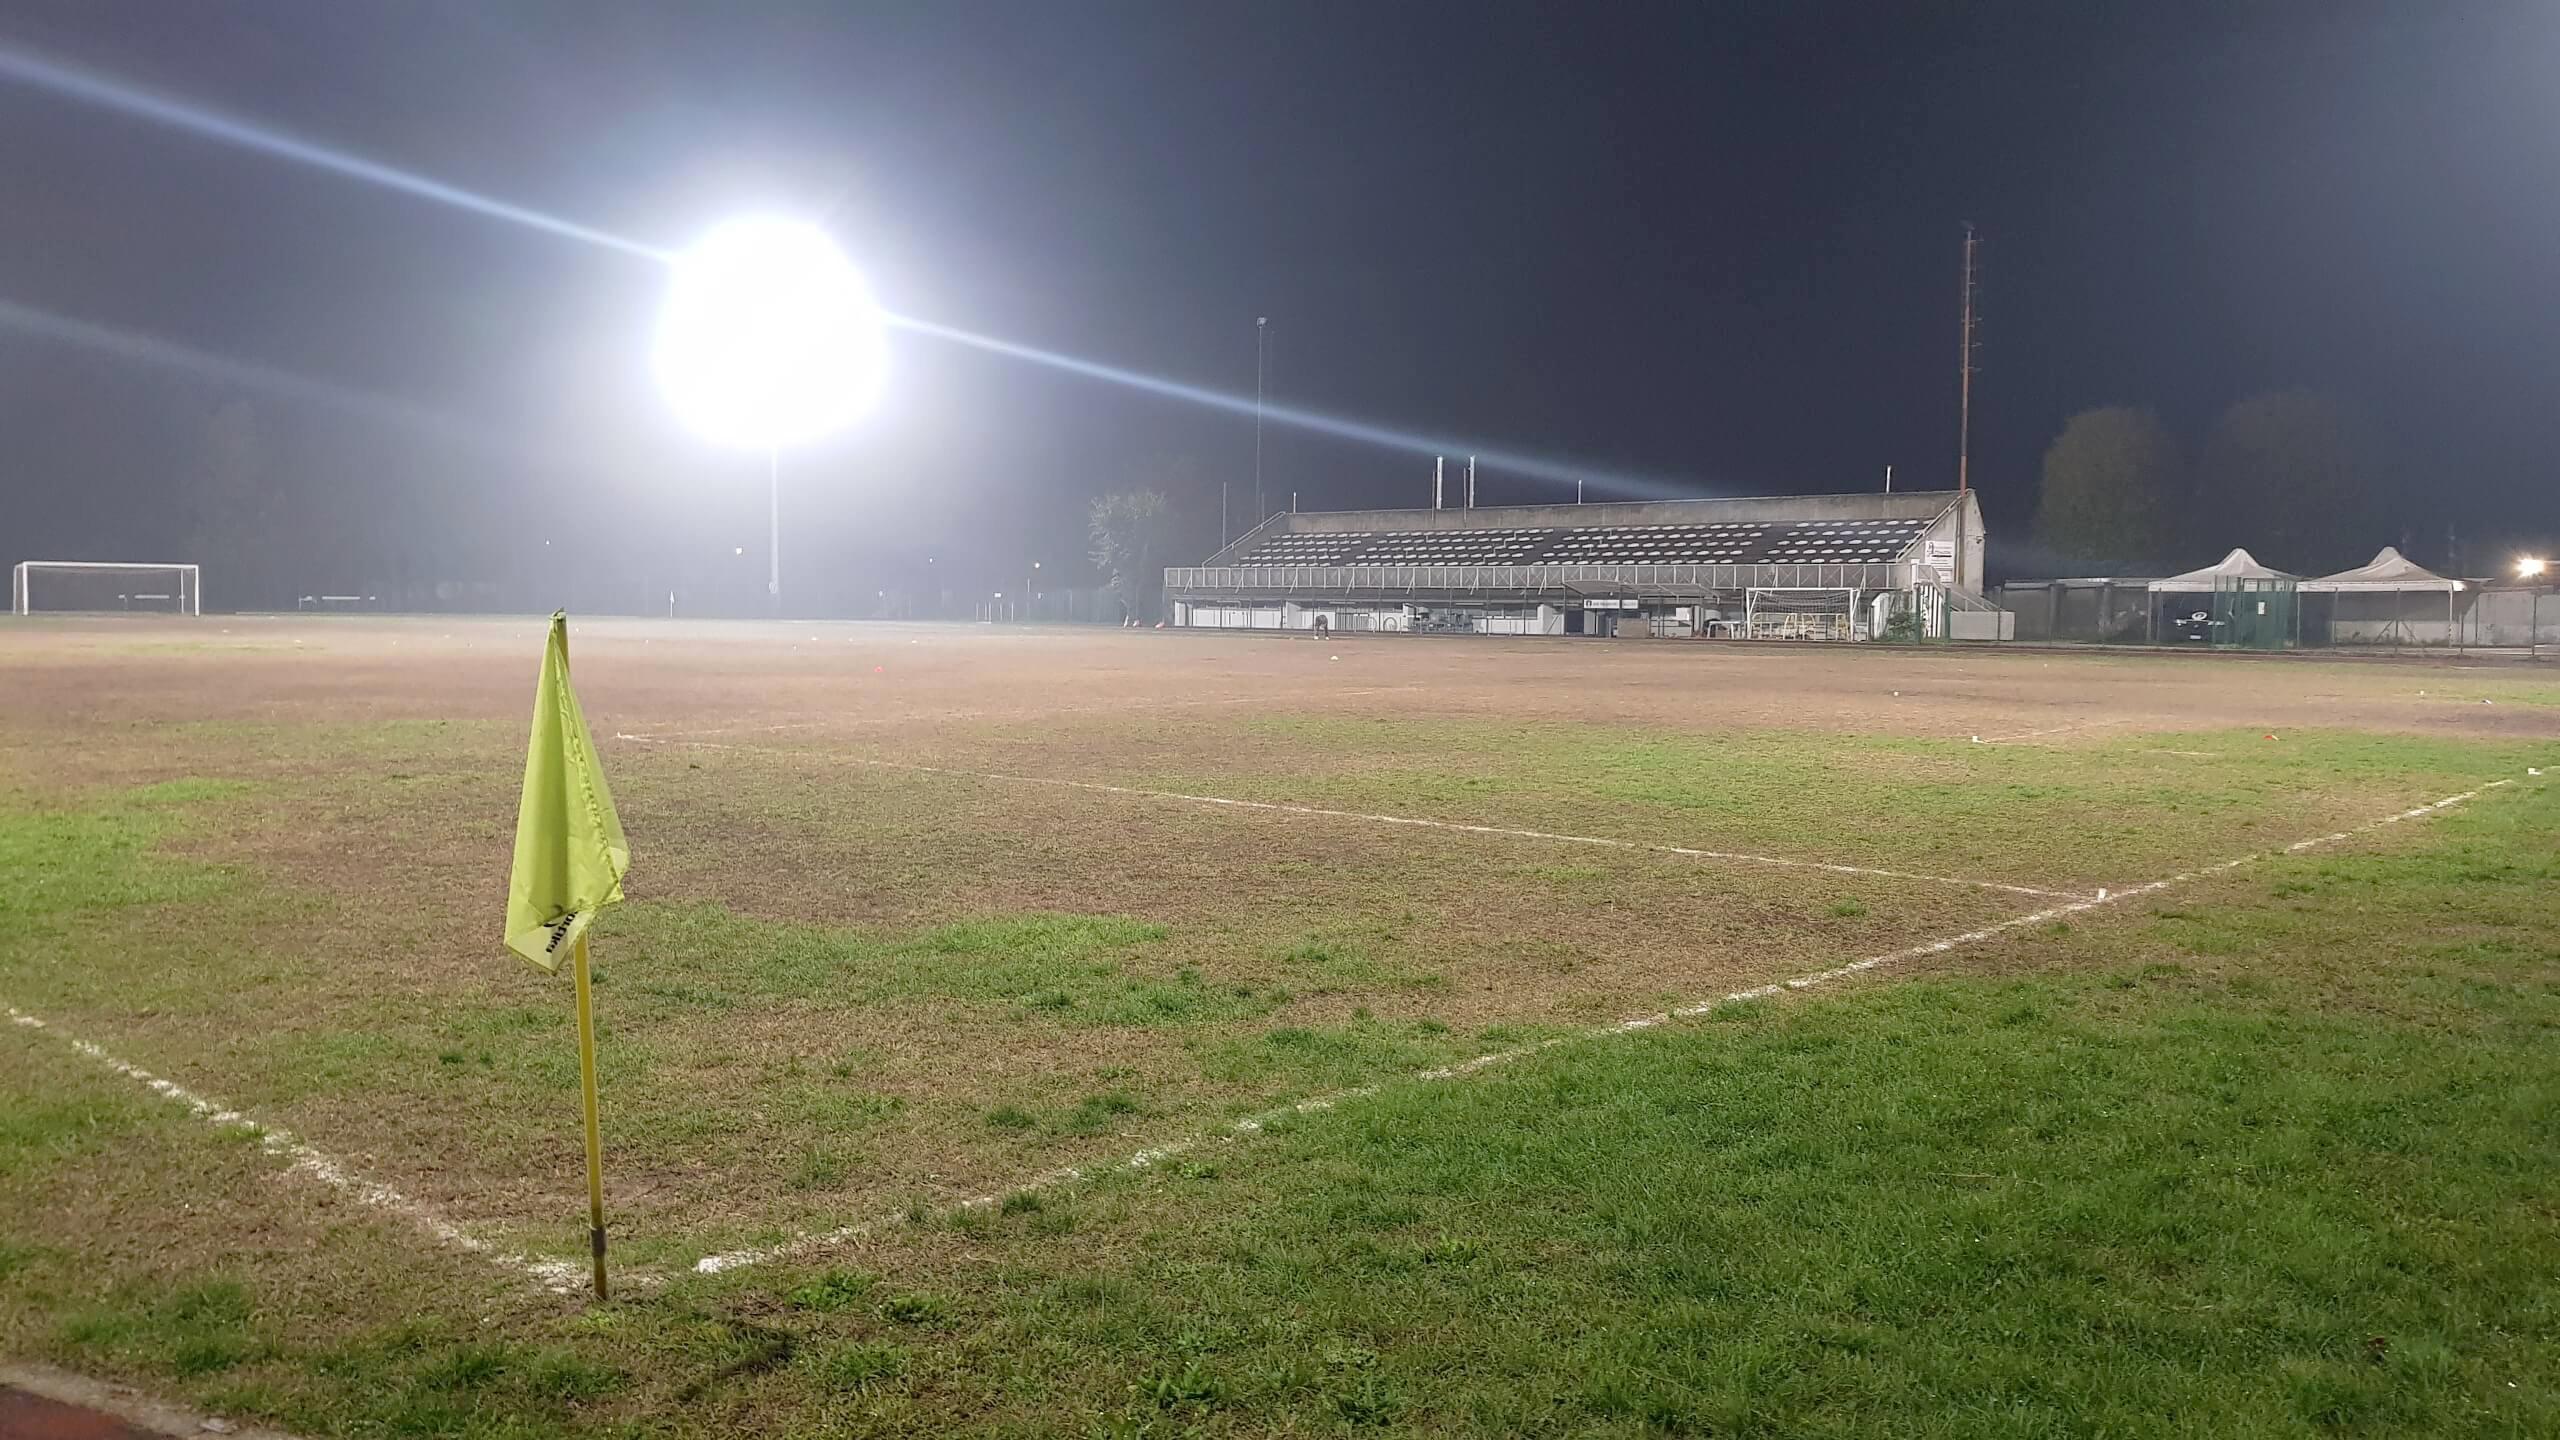 Centro-sportivo-malnatese-calcio-malnate-va-1